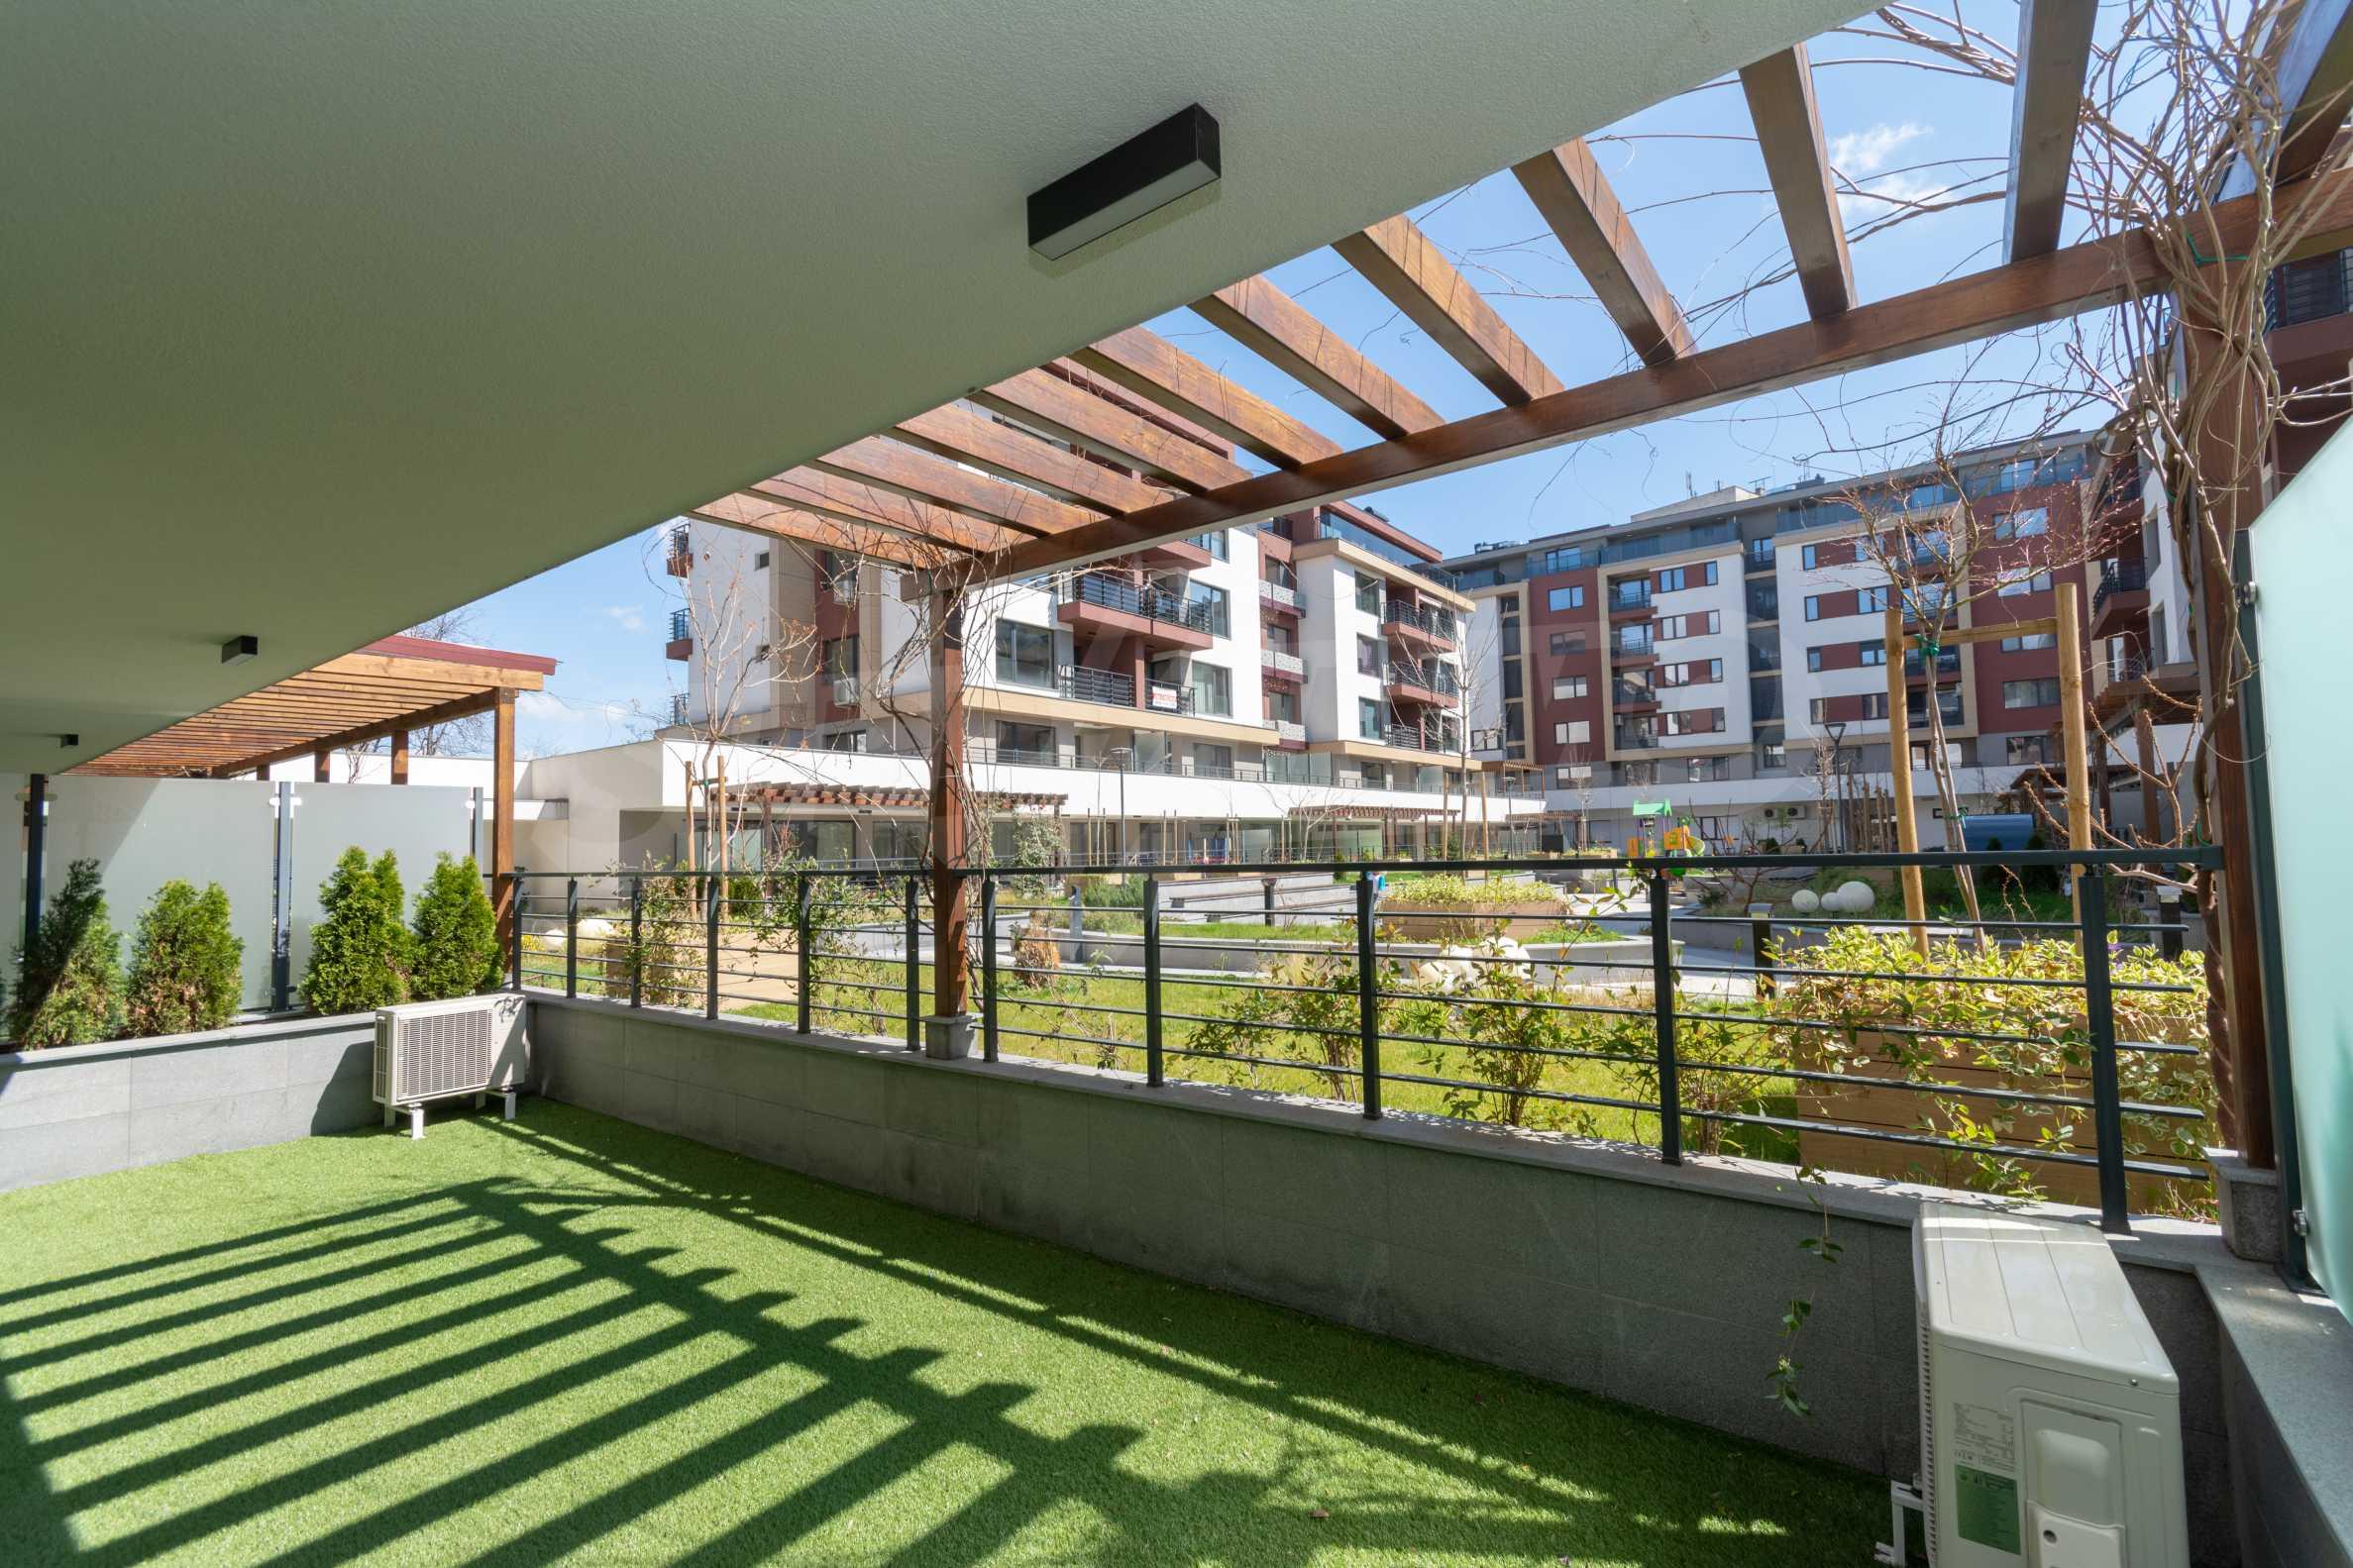 Двустаен апартамент в луксозна жилищна сграда на комуникативна локация в гр.Пловдив 11